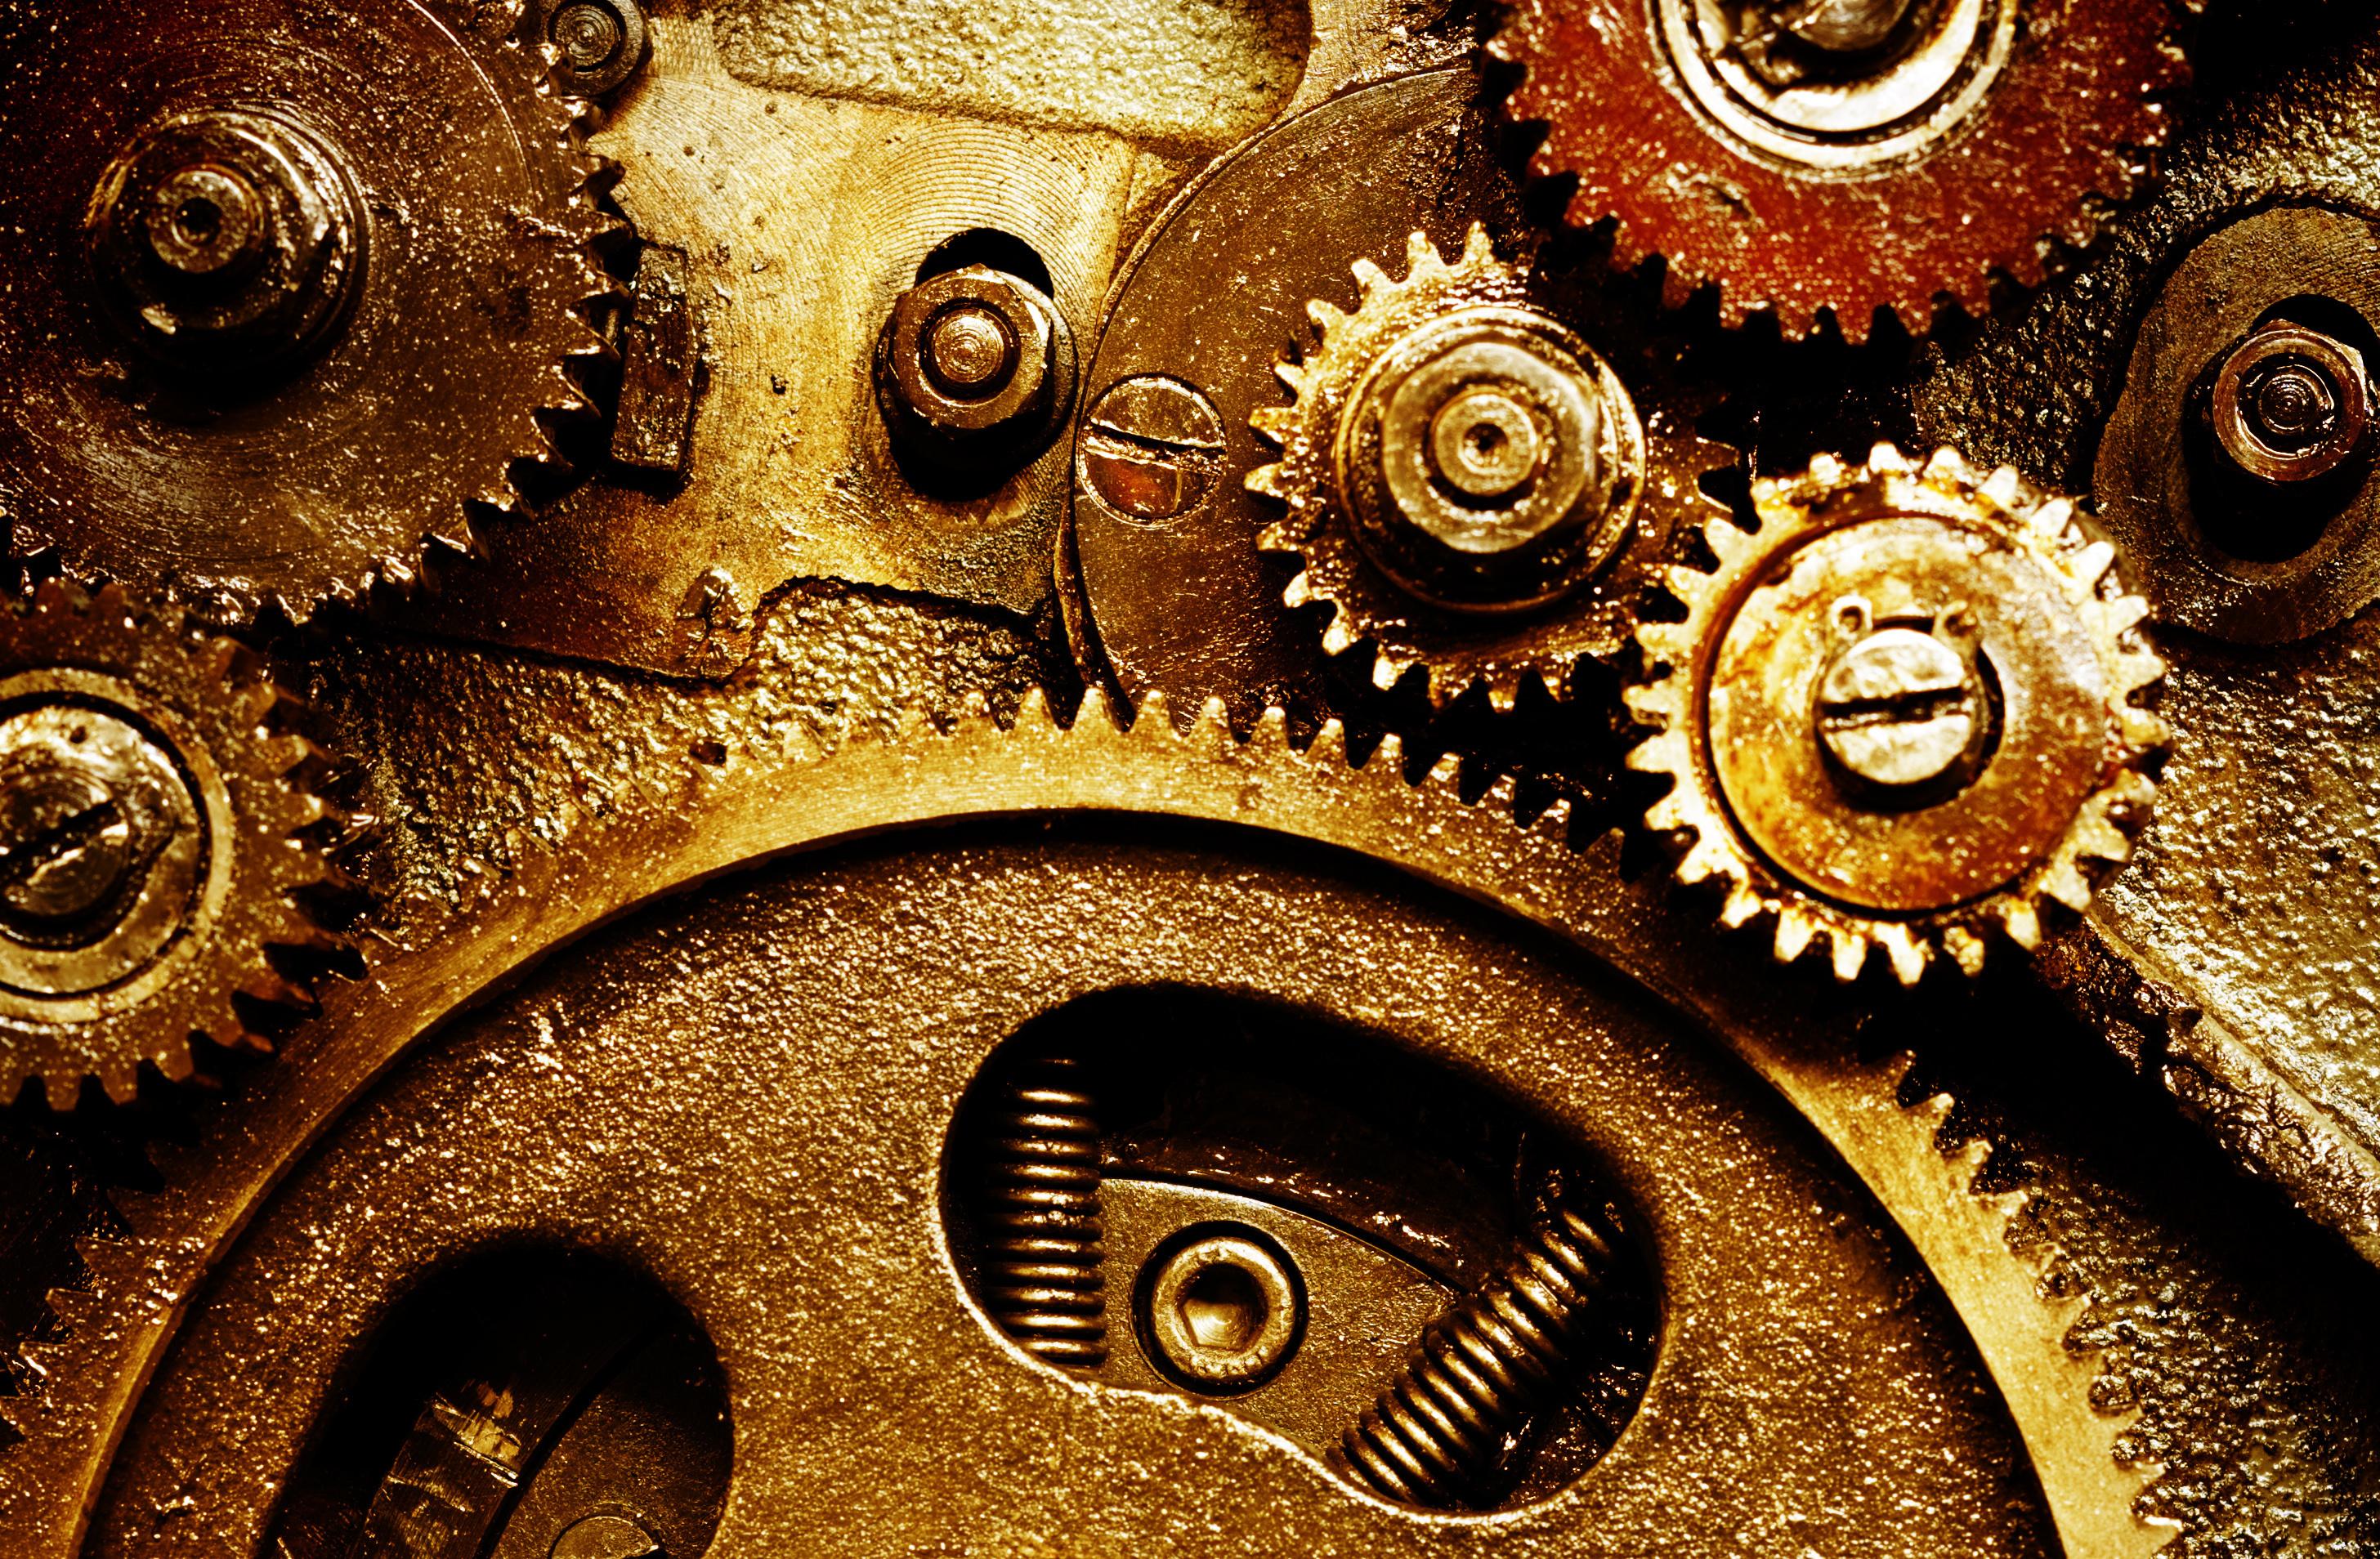 Mechanisms Gears Hackaday